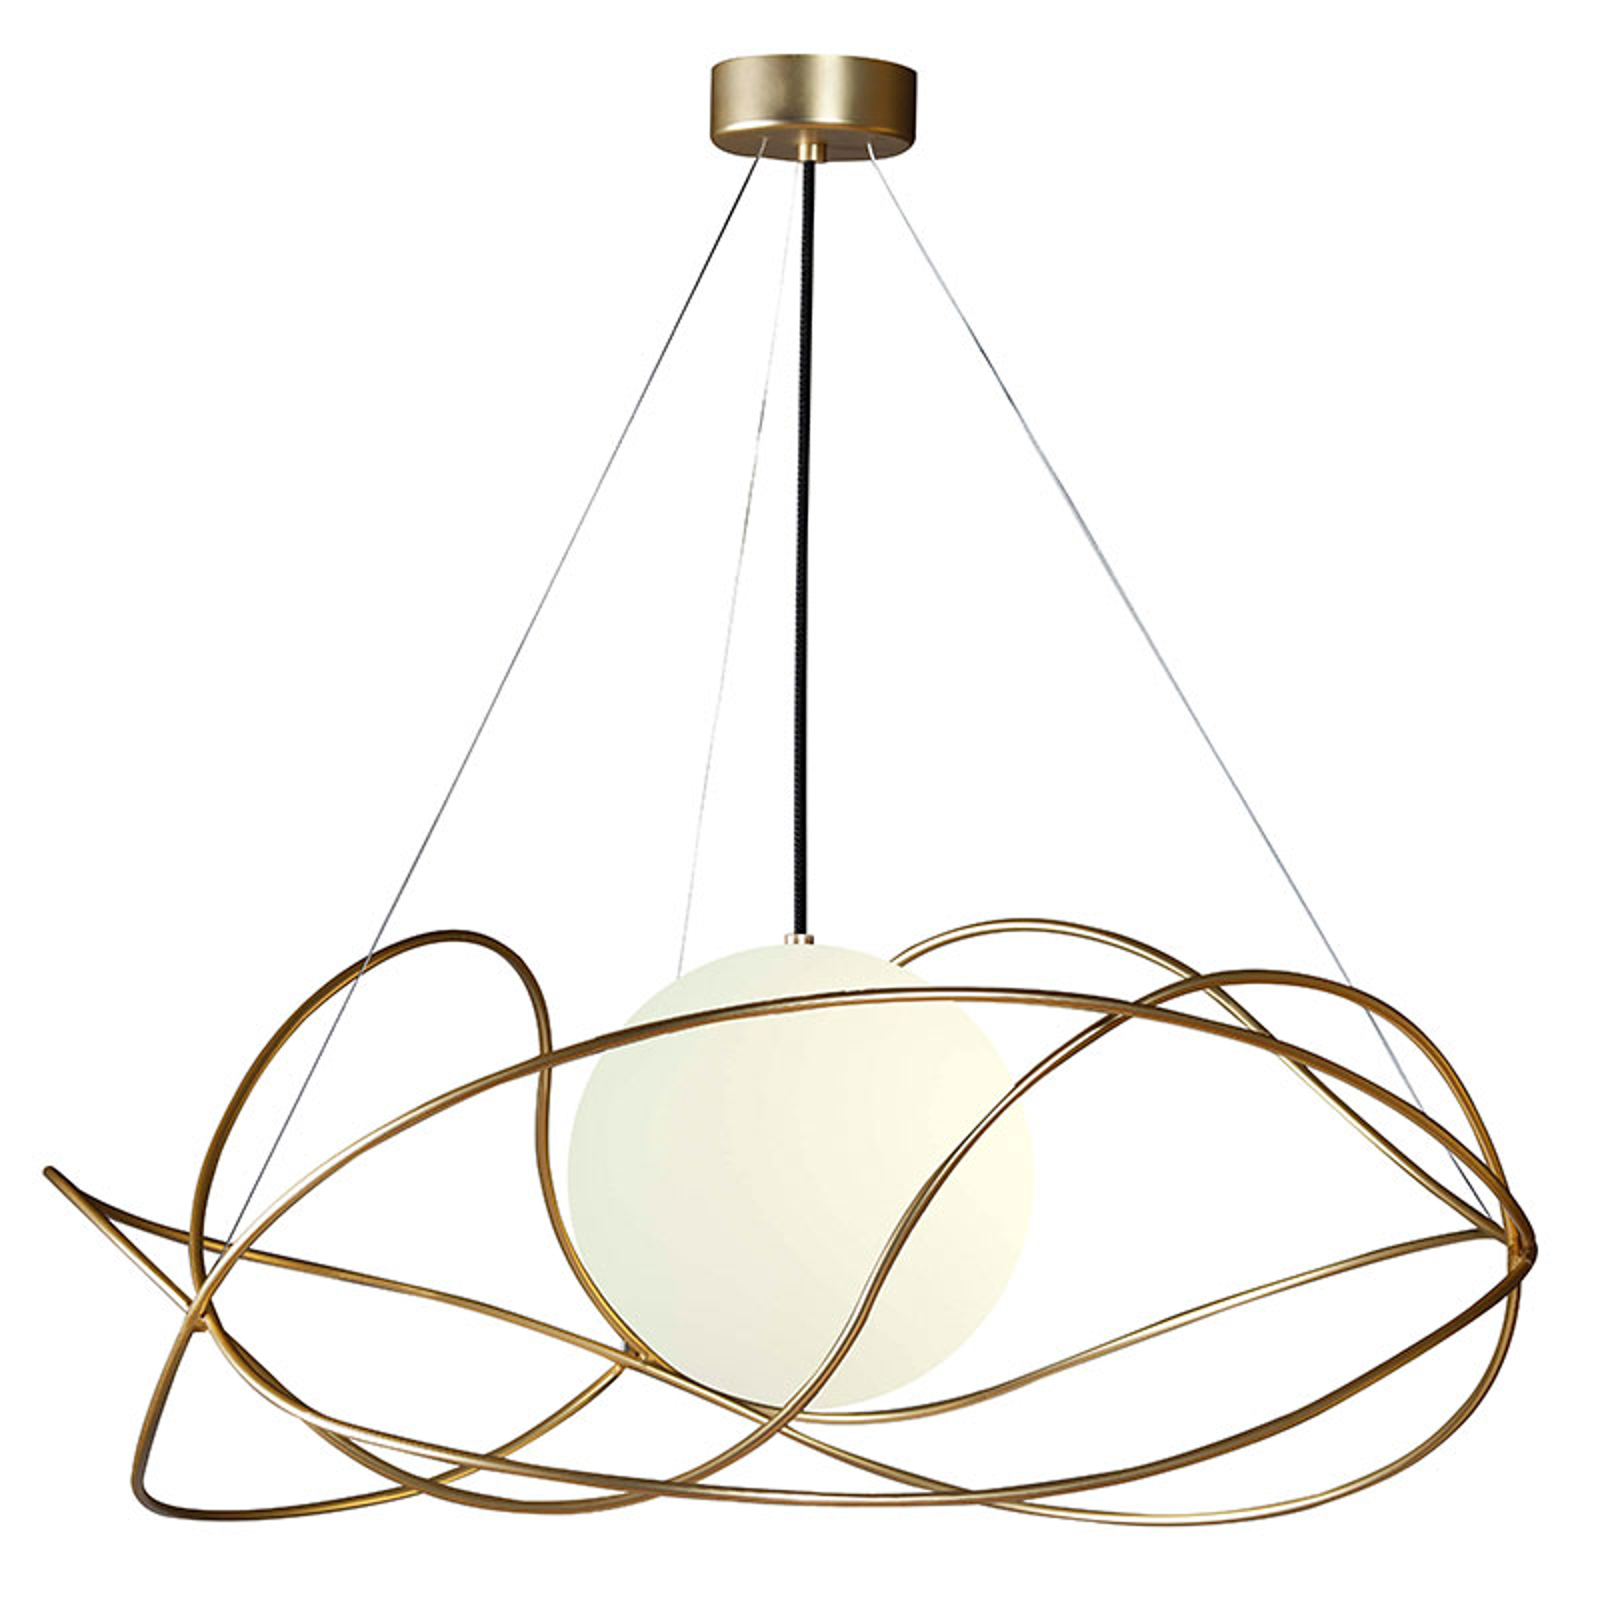 Lampa wisząca Garbuglio złota z kulistym kloszem